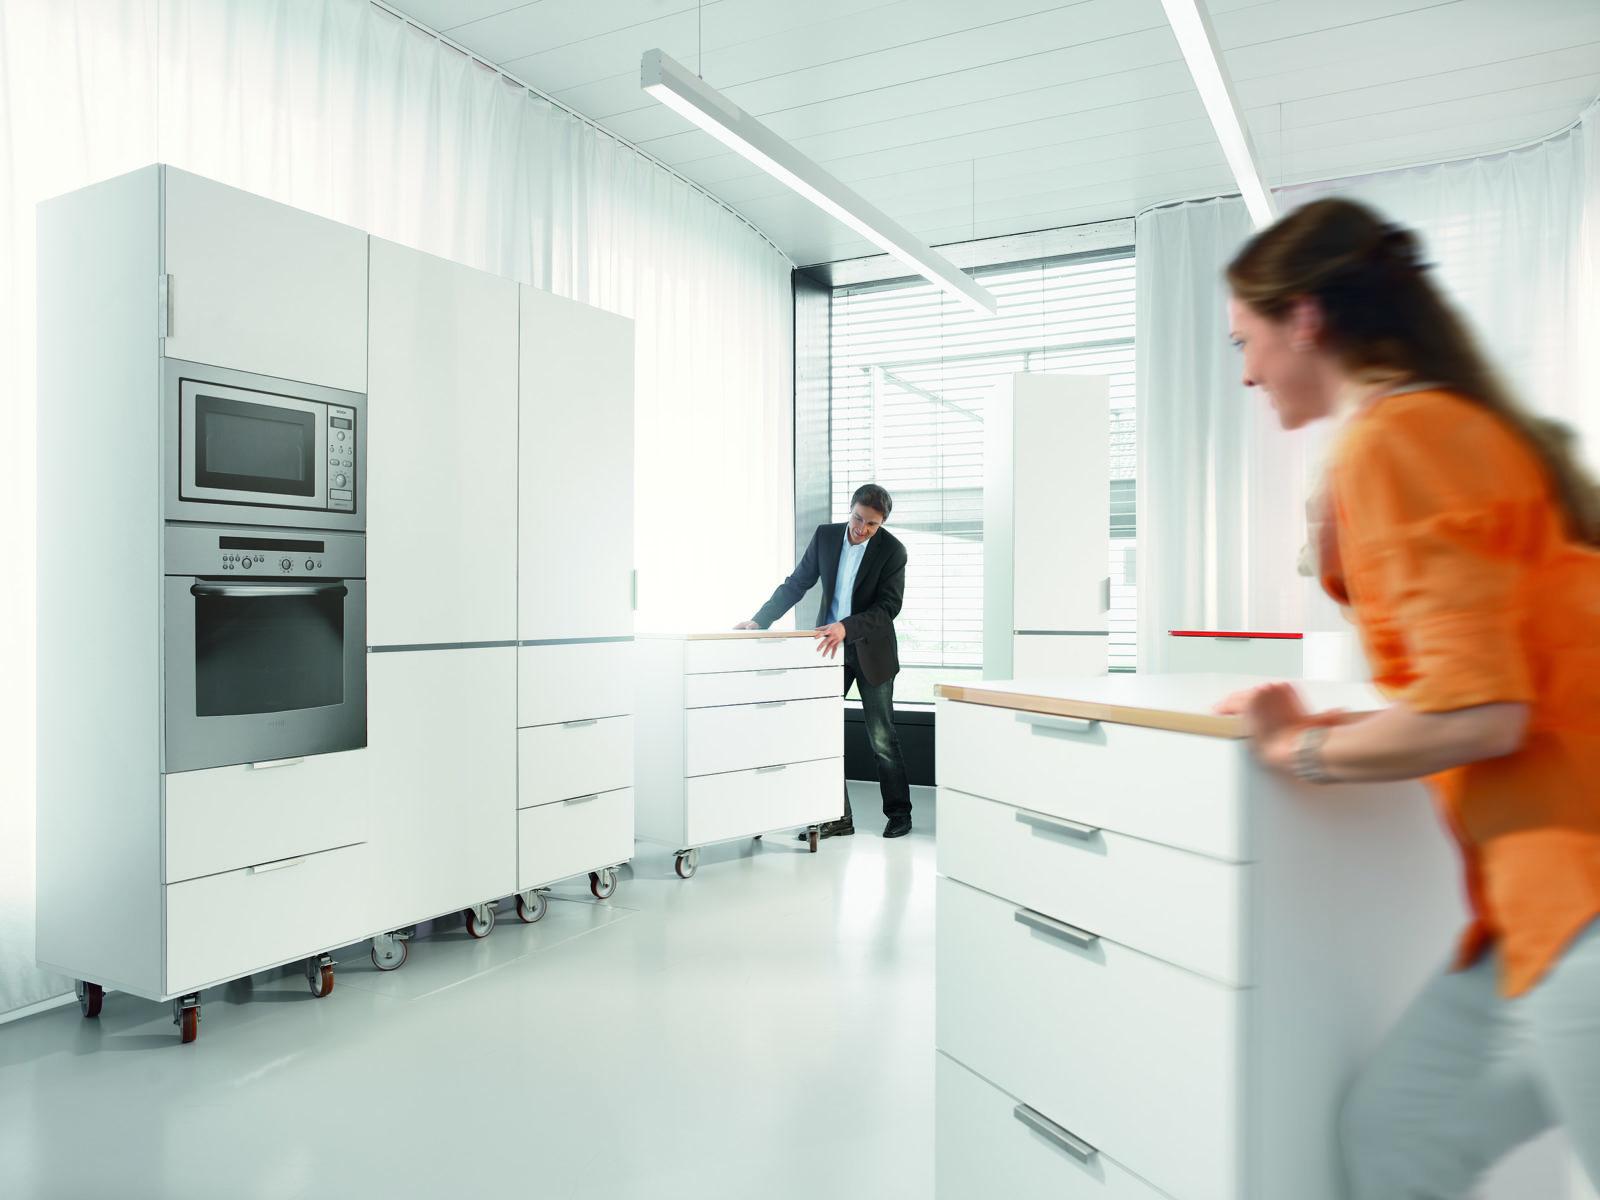 Що таке тест-драйв кухні від Blum та як він відбувається? Відтворити проект кухні з корпусами реального розміру